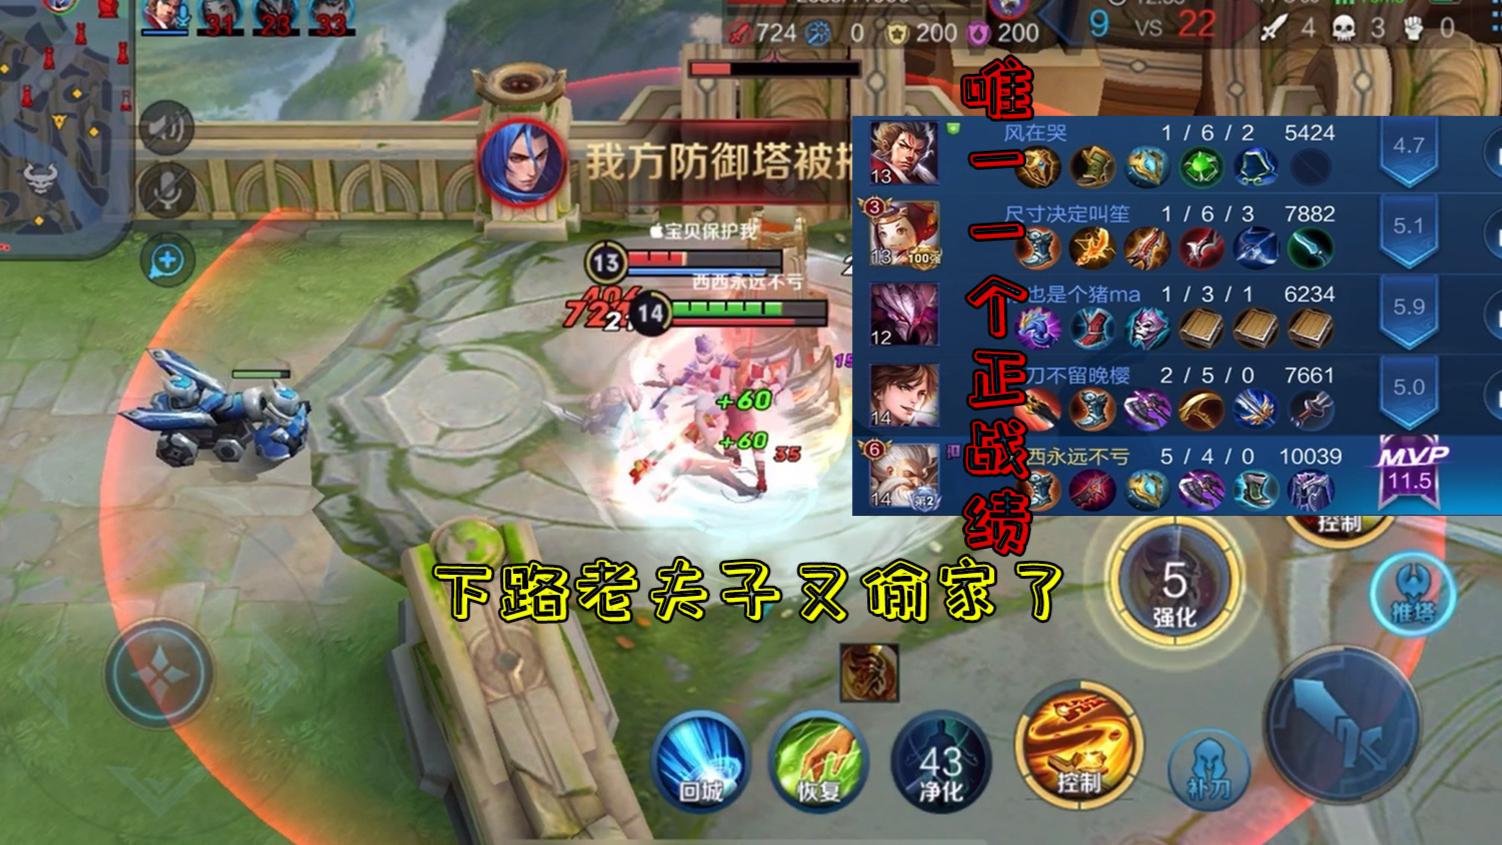 大逆风再现偷家经典桥段:游戏的最后才发现,宫本才是最重要的